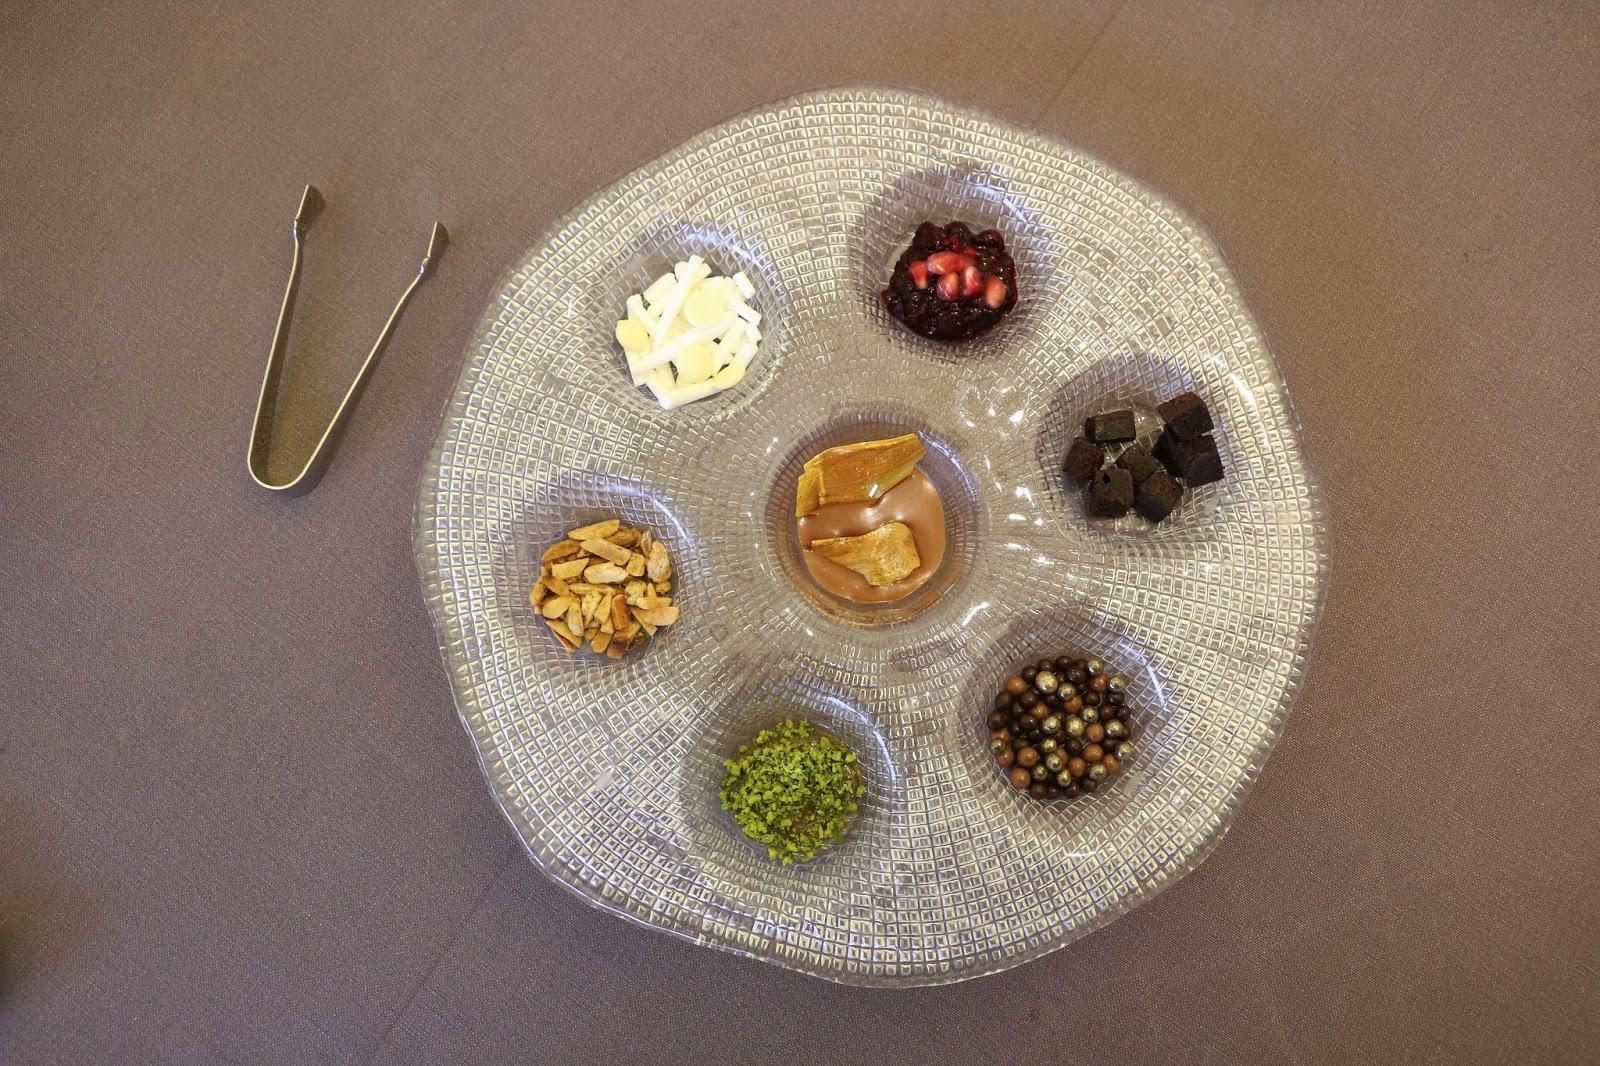 Jung Sik Dang, Korea, Make Your Own Dessert